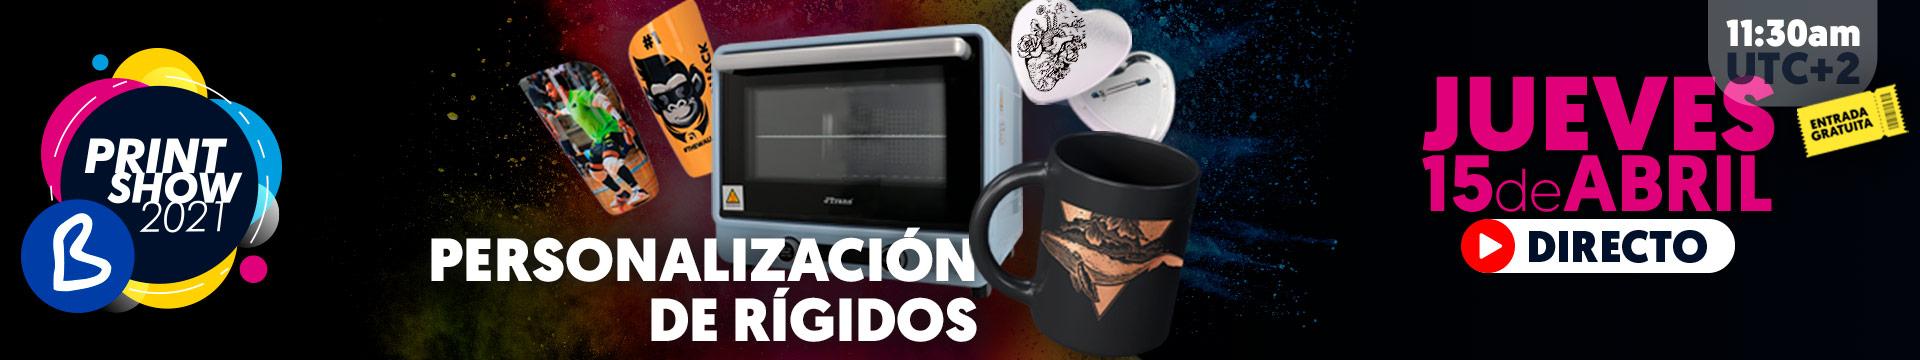 Directo Personalización de rígidos - Jueves 15